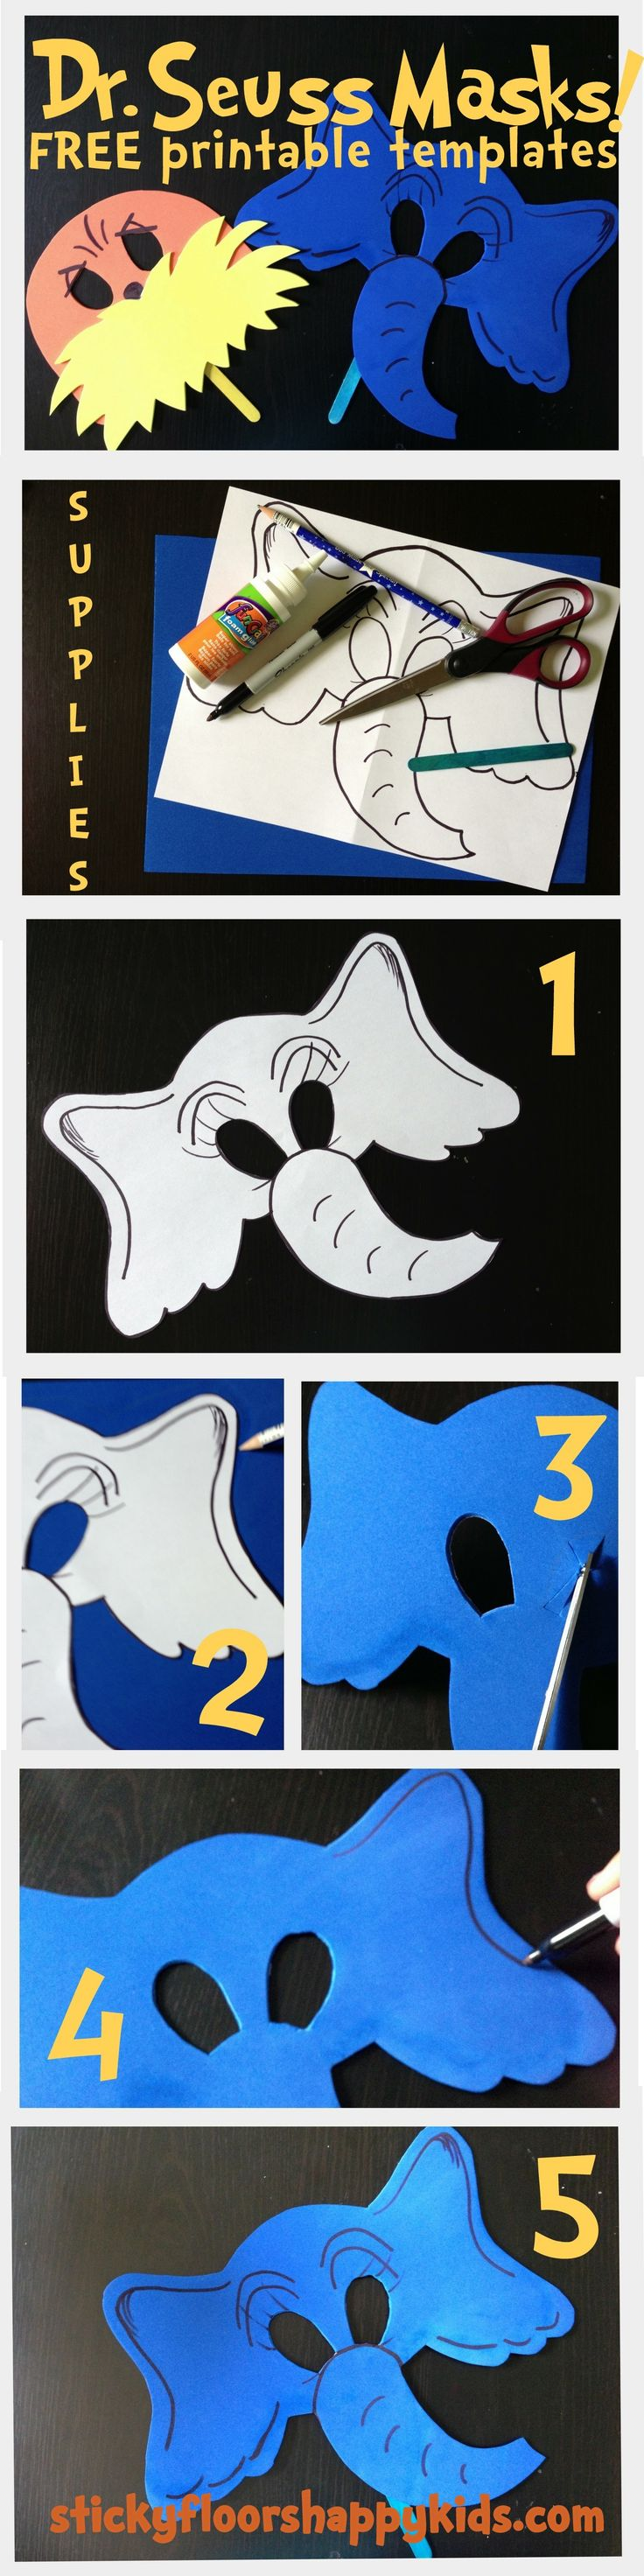 154 best masky images on pinterest masks animal masks and